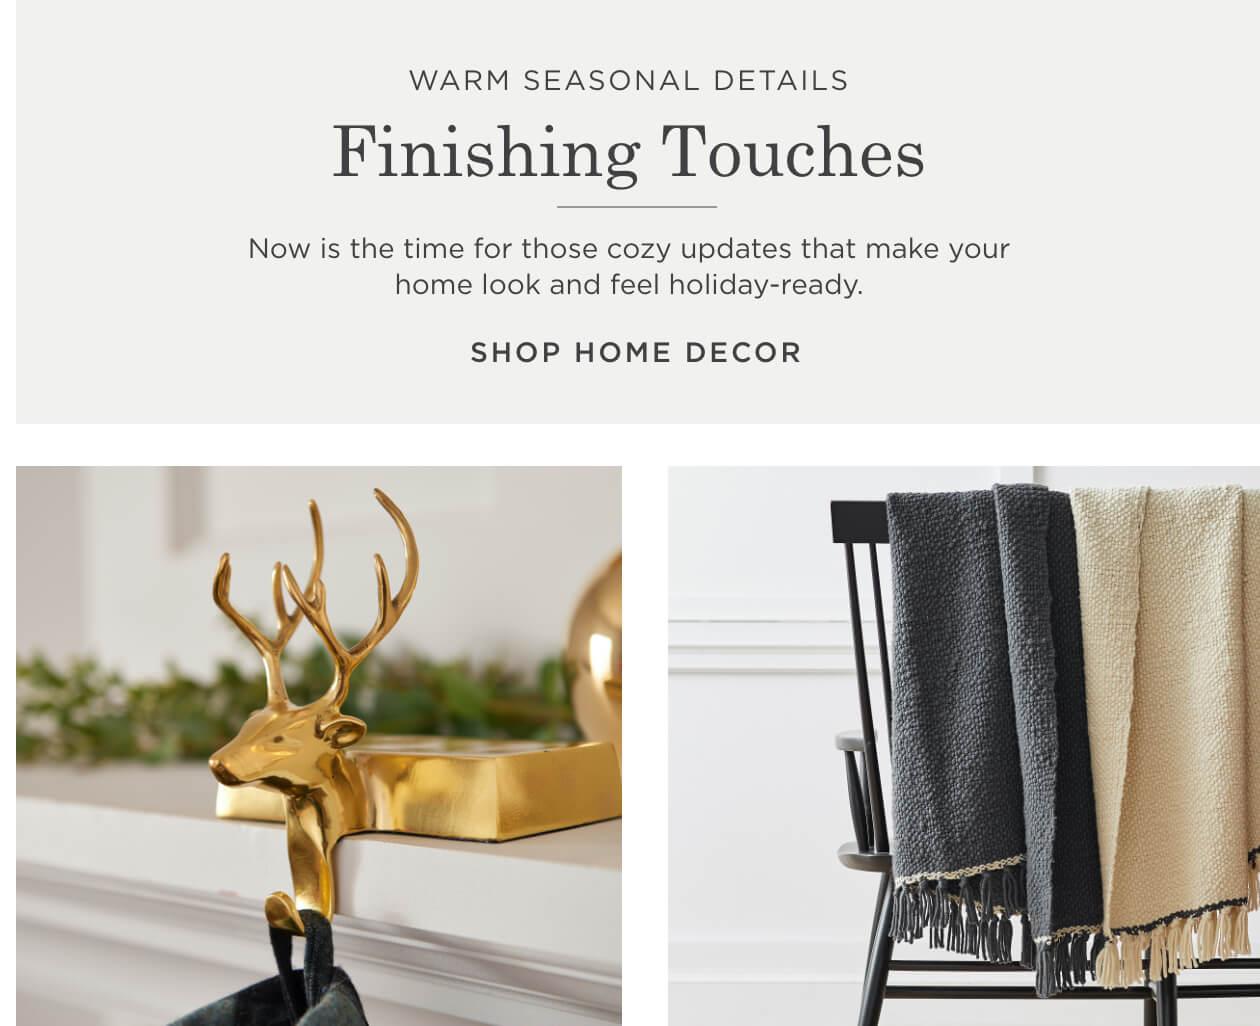 Shop Home Decor & Accents